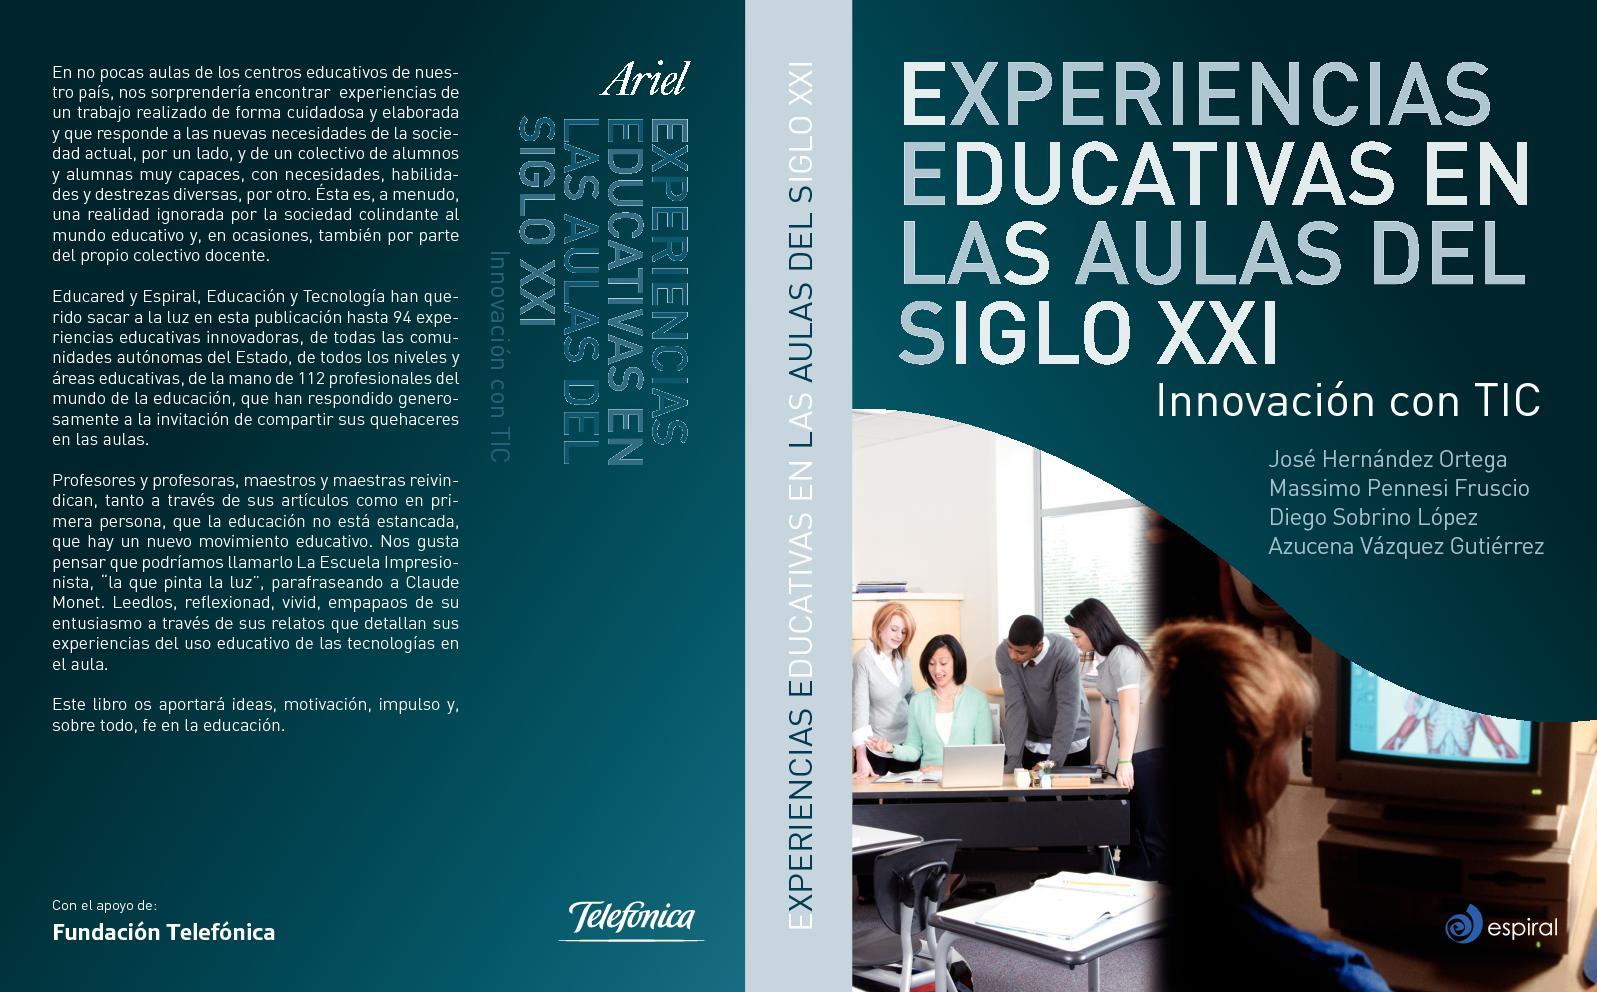 Calaméo - Experiencias Educativas En Las Aulas Del Siglo Xxi